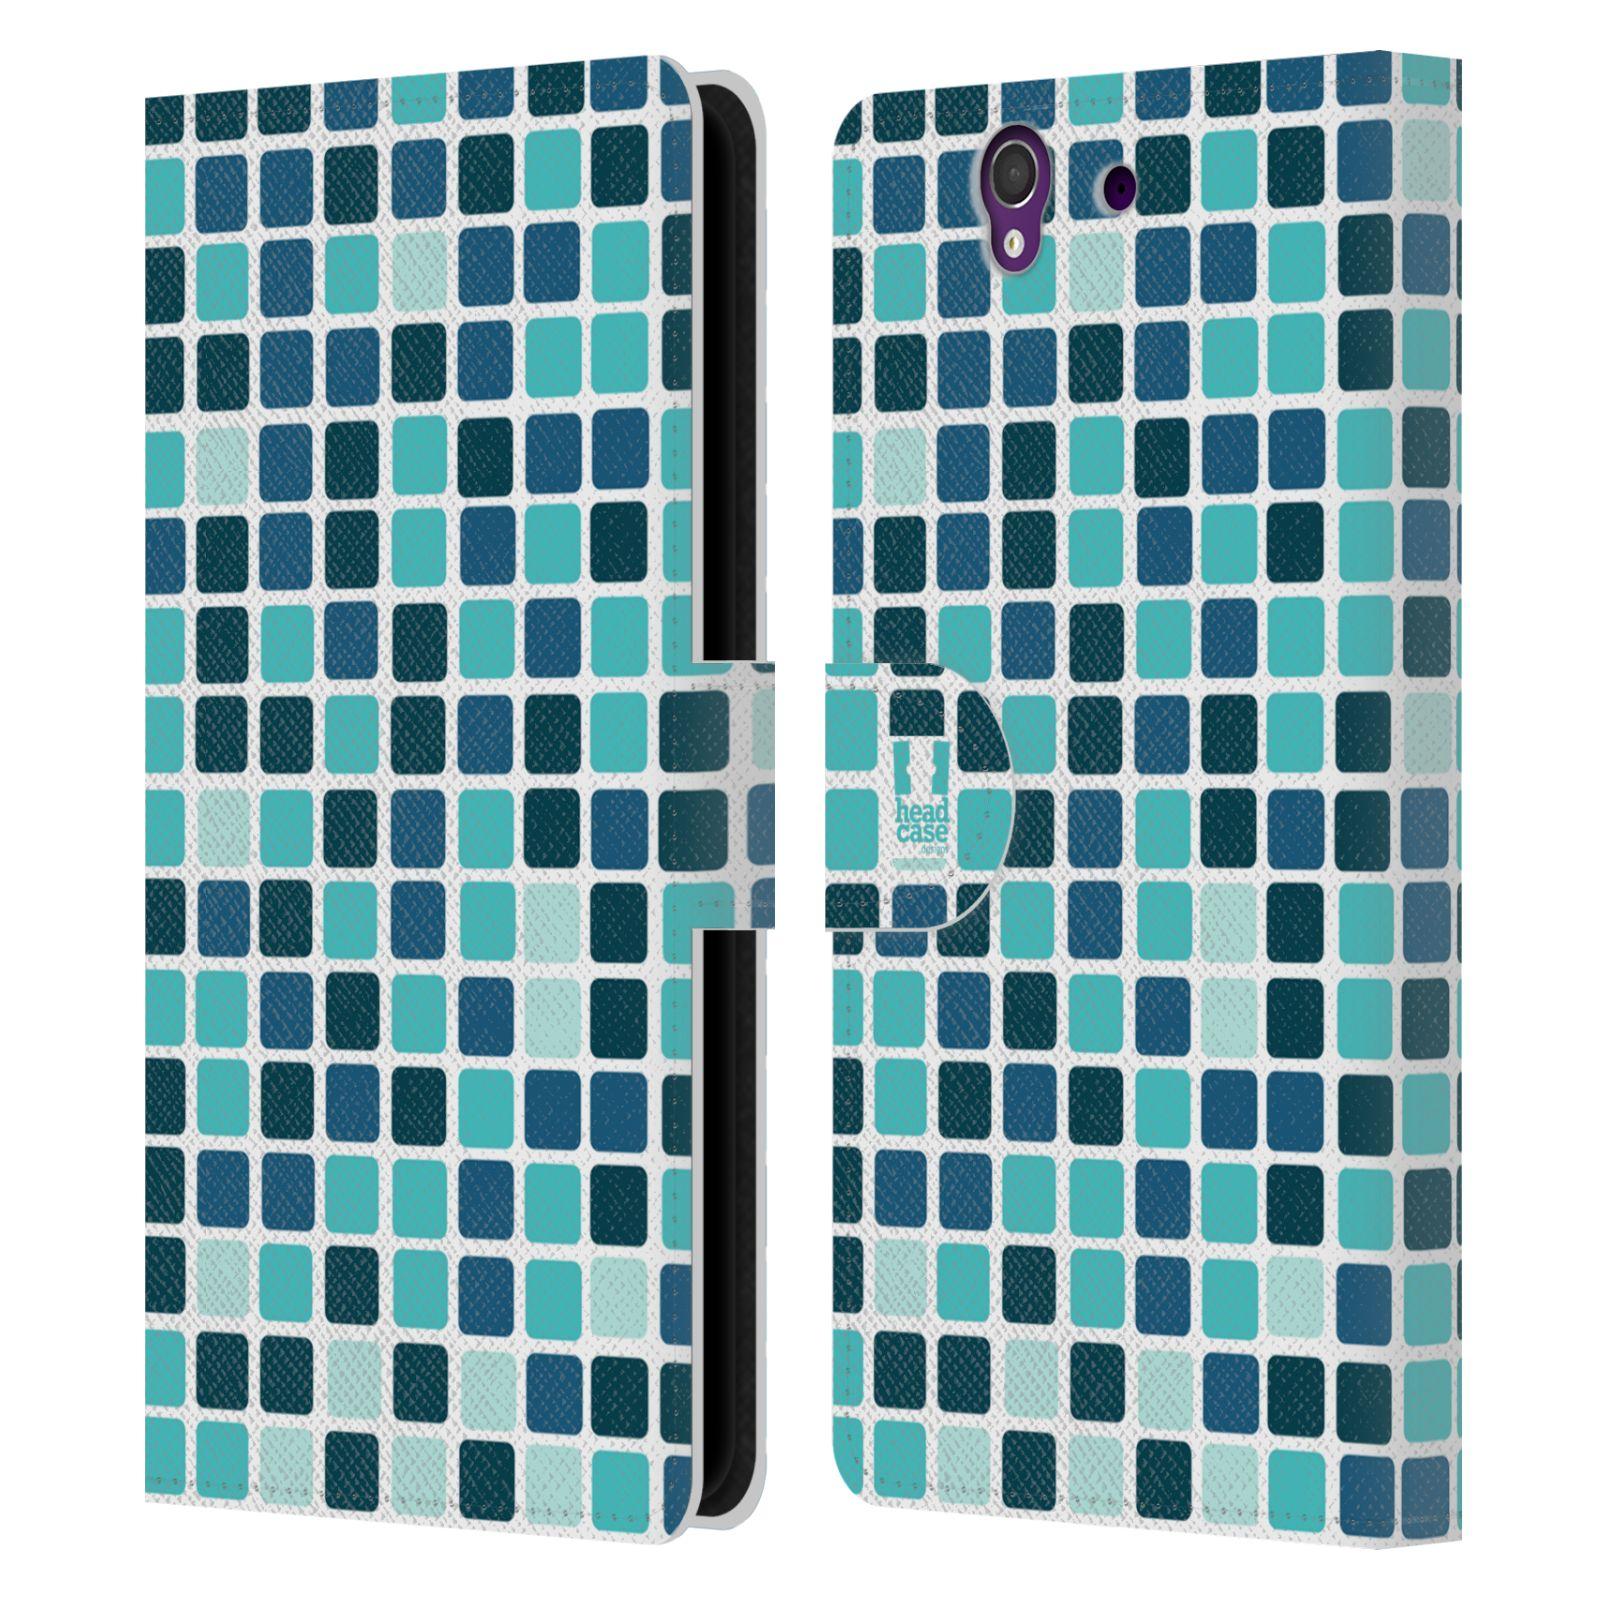 HEAD CASE Flipové pouzdro pro mobil SONY XPERIA Z (C6603) DISKO kostičky modrá